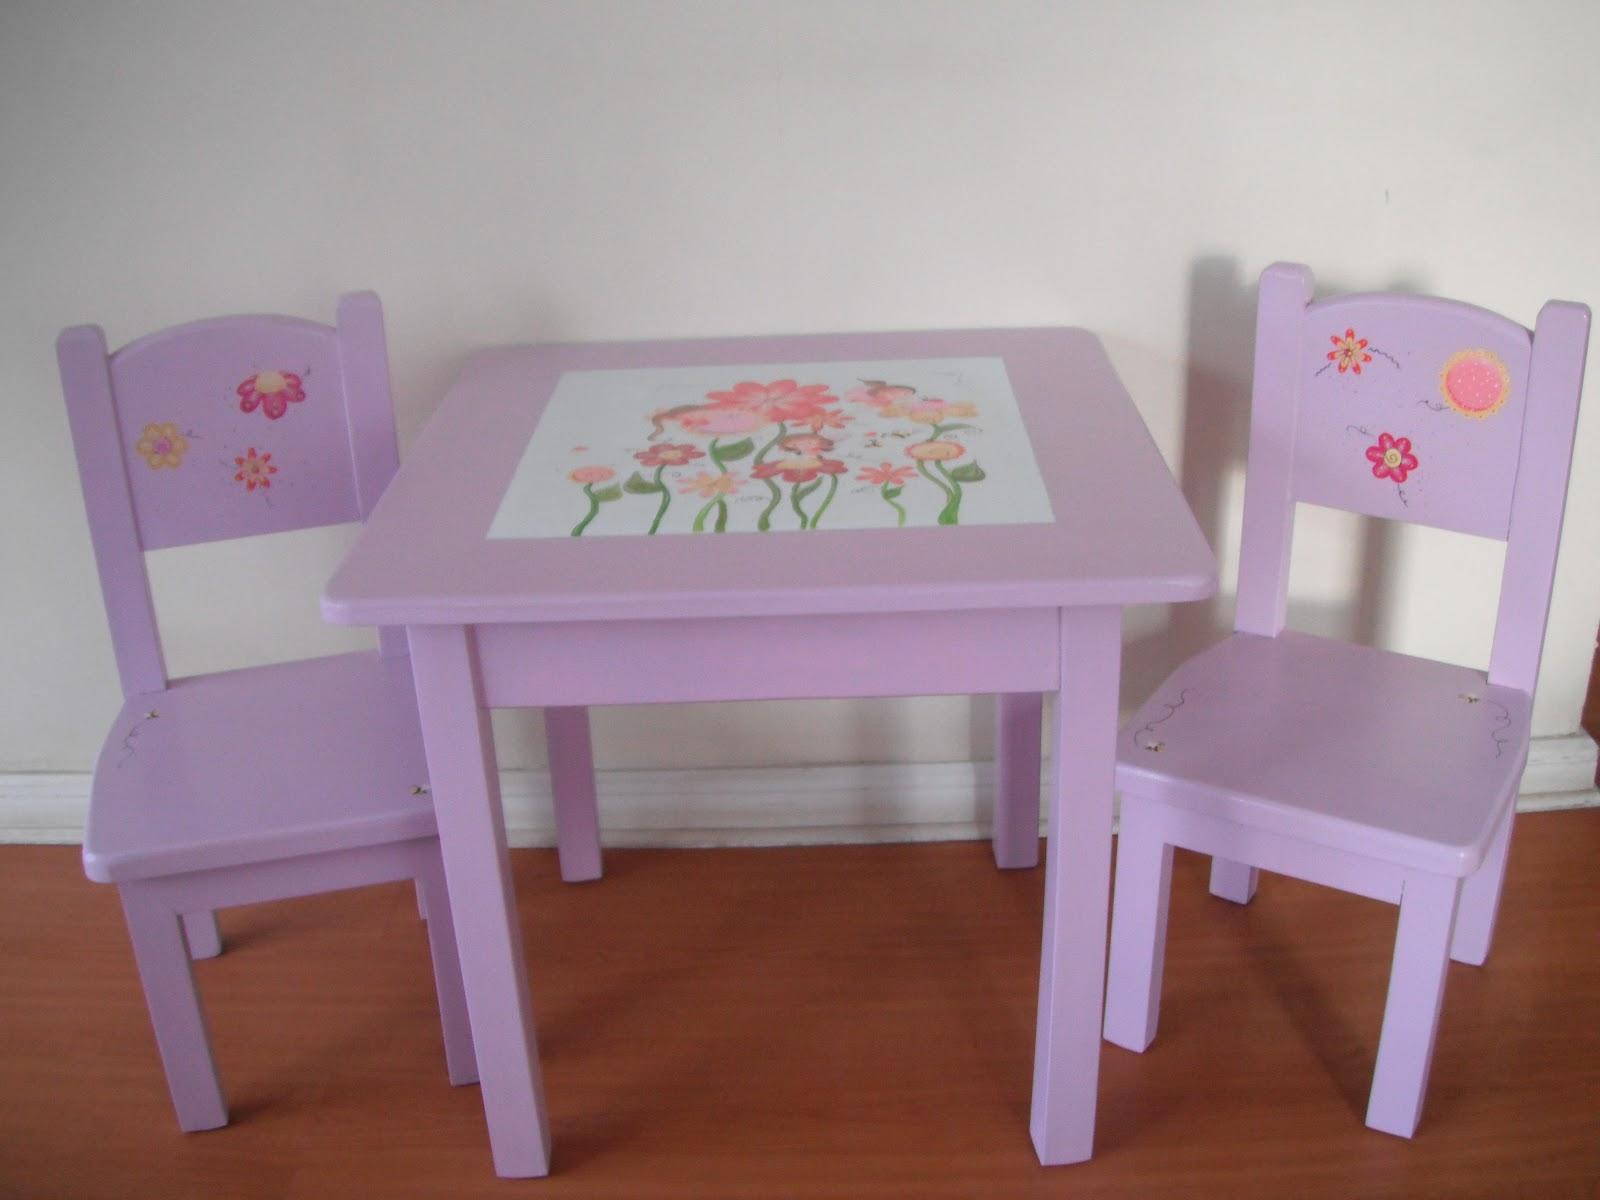 Muebles infantiles, decoración para niños, juguetes, tejidos, manualidades, c...